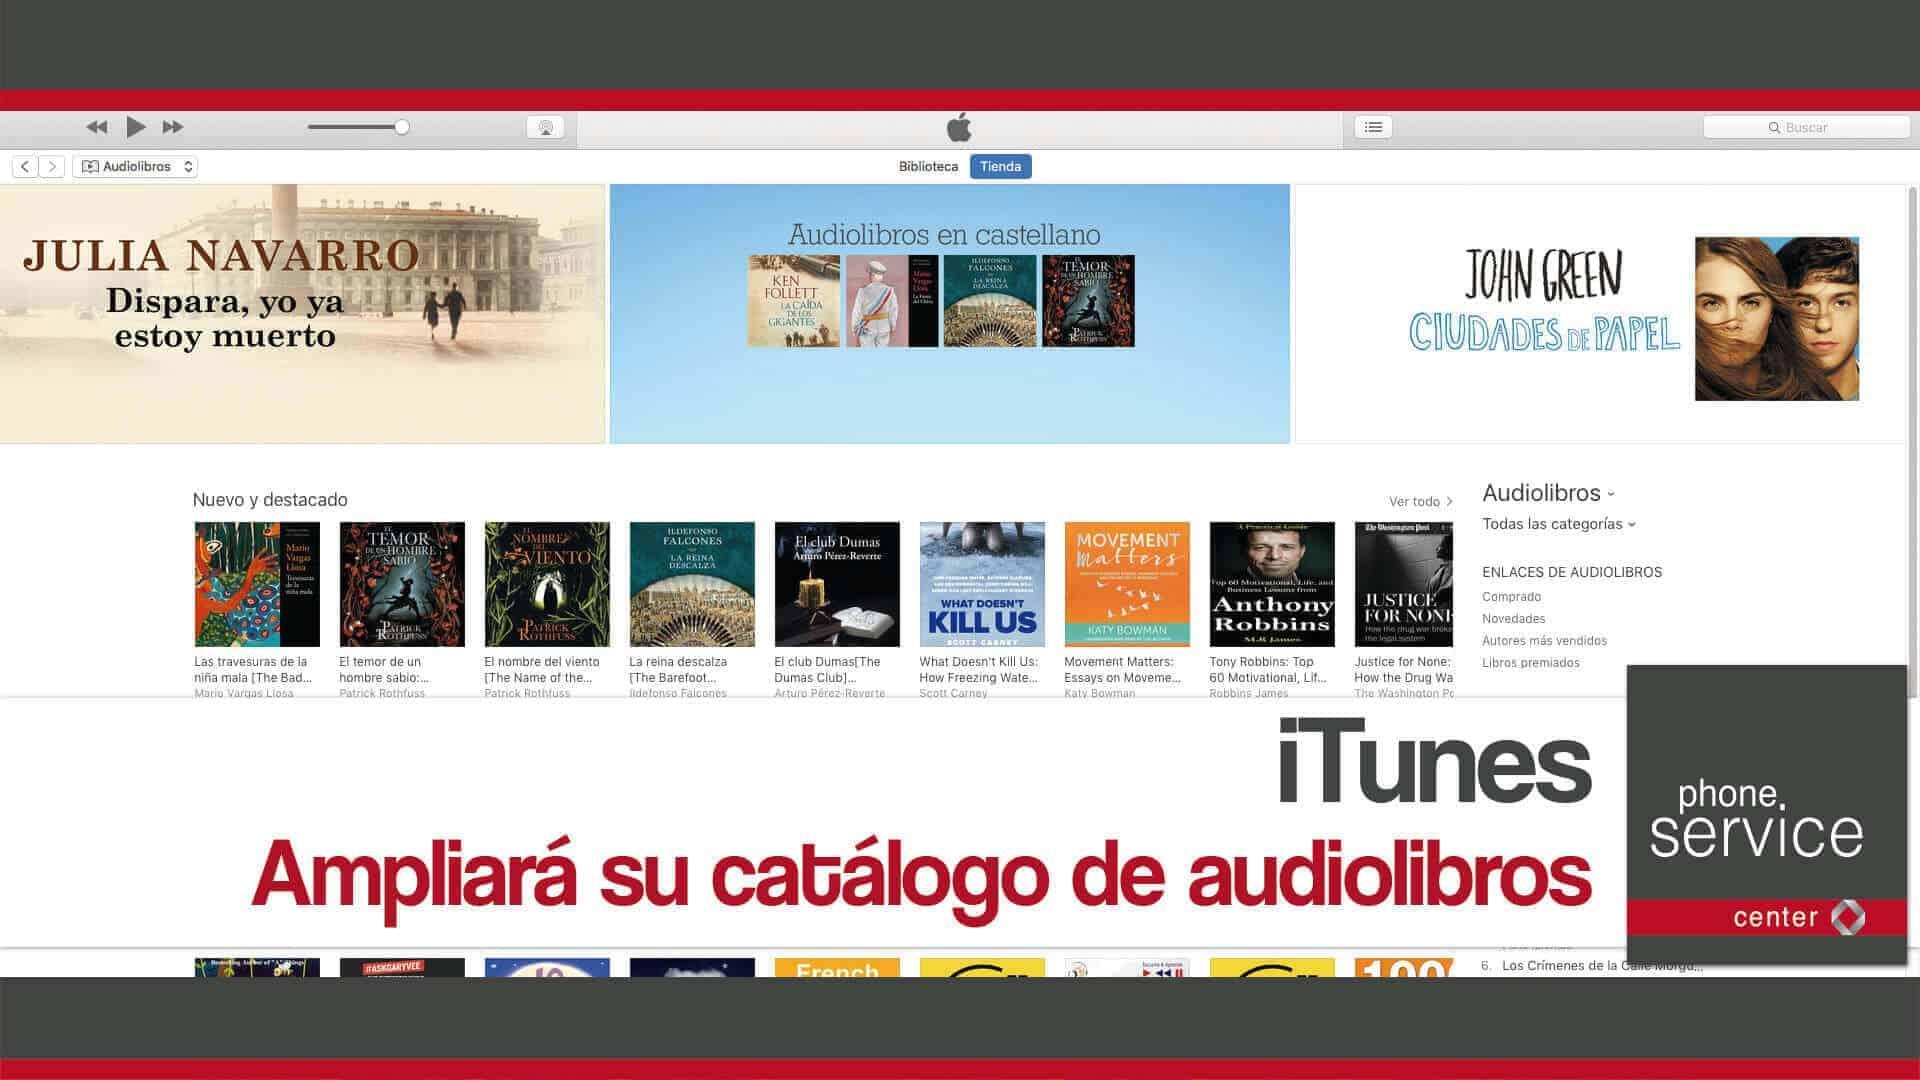 iTunes ampliara su catalogo de audiolibros